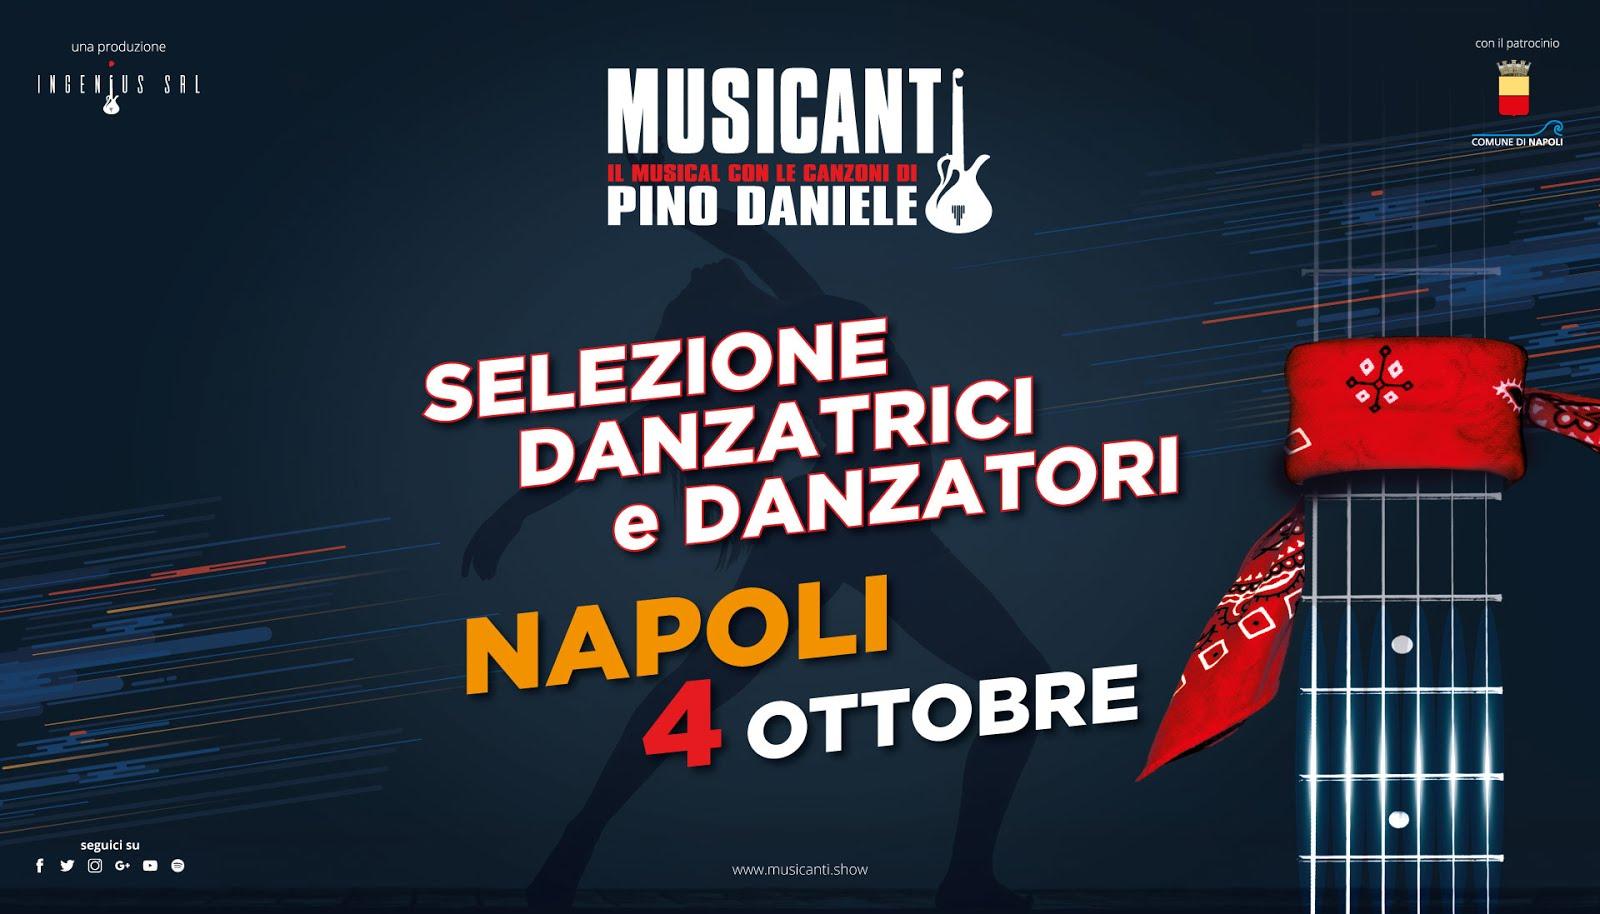 """AUDIZIONI PER BALLERINI E BALLERINE PER IL MUSICAL """"MUSICANTI"""""""